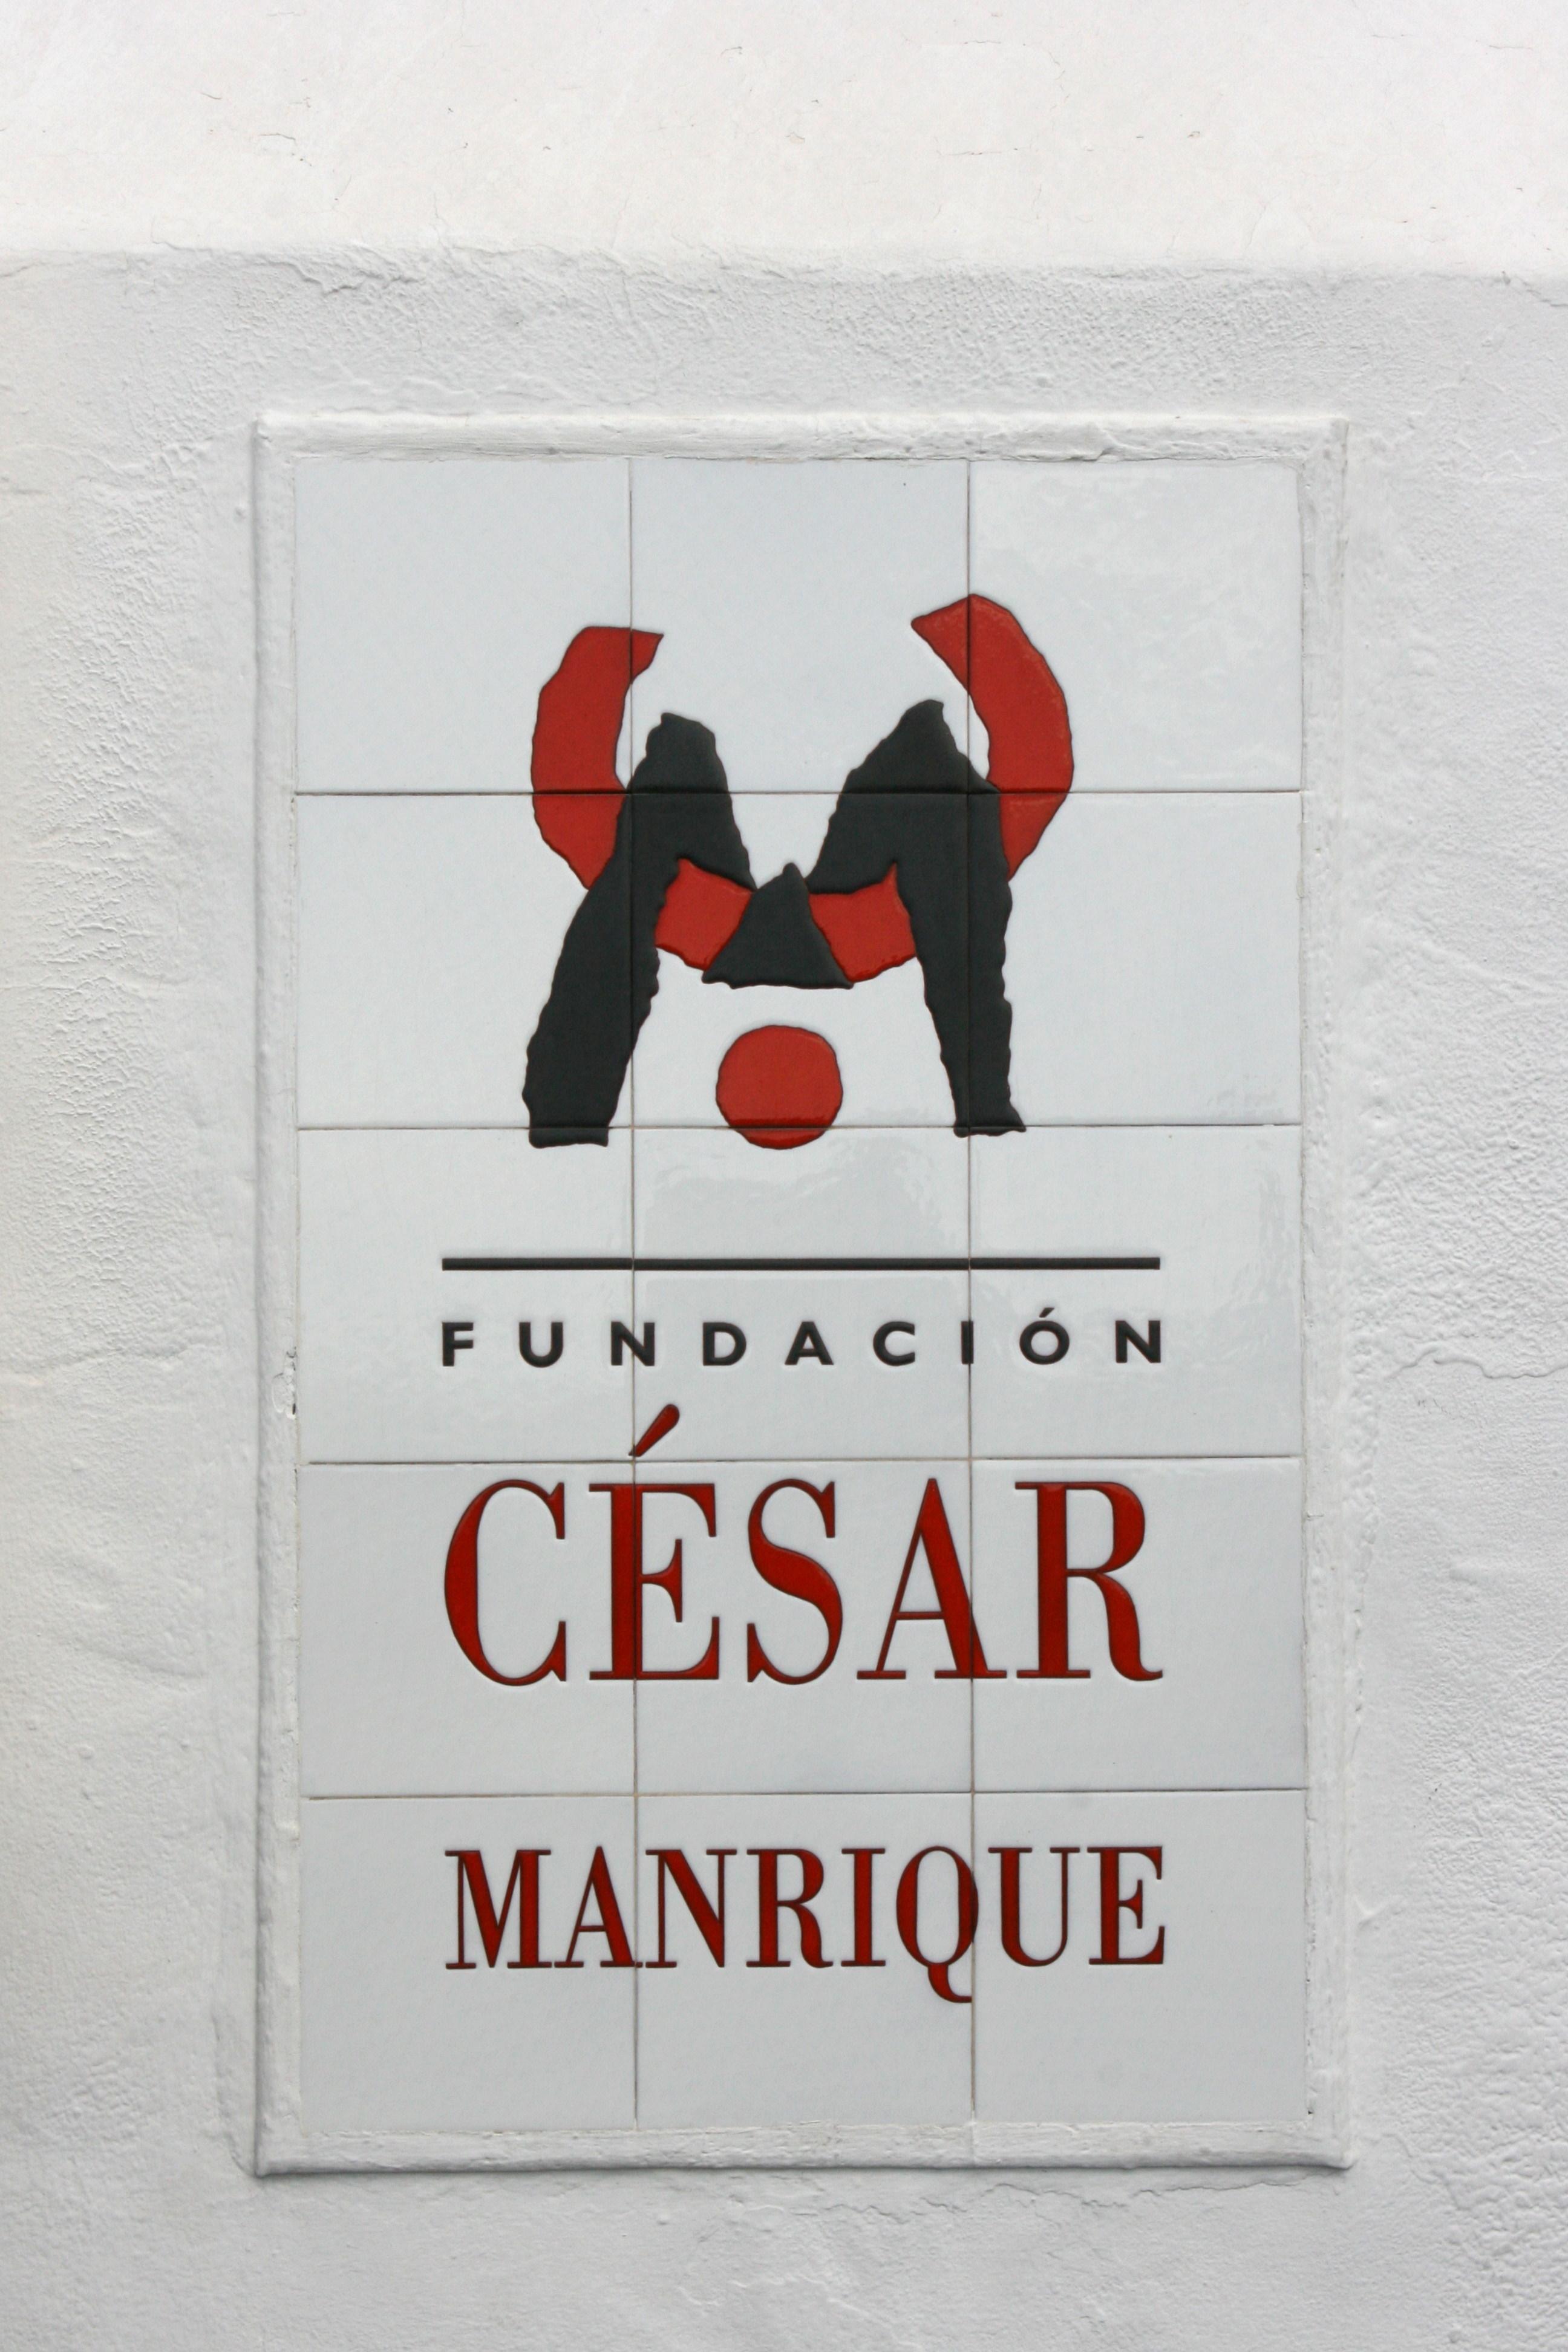 File teguise tahiche lz 34 calle jorge luis borges - Cesar manrique wikipedia ...